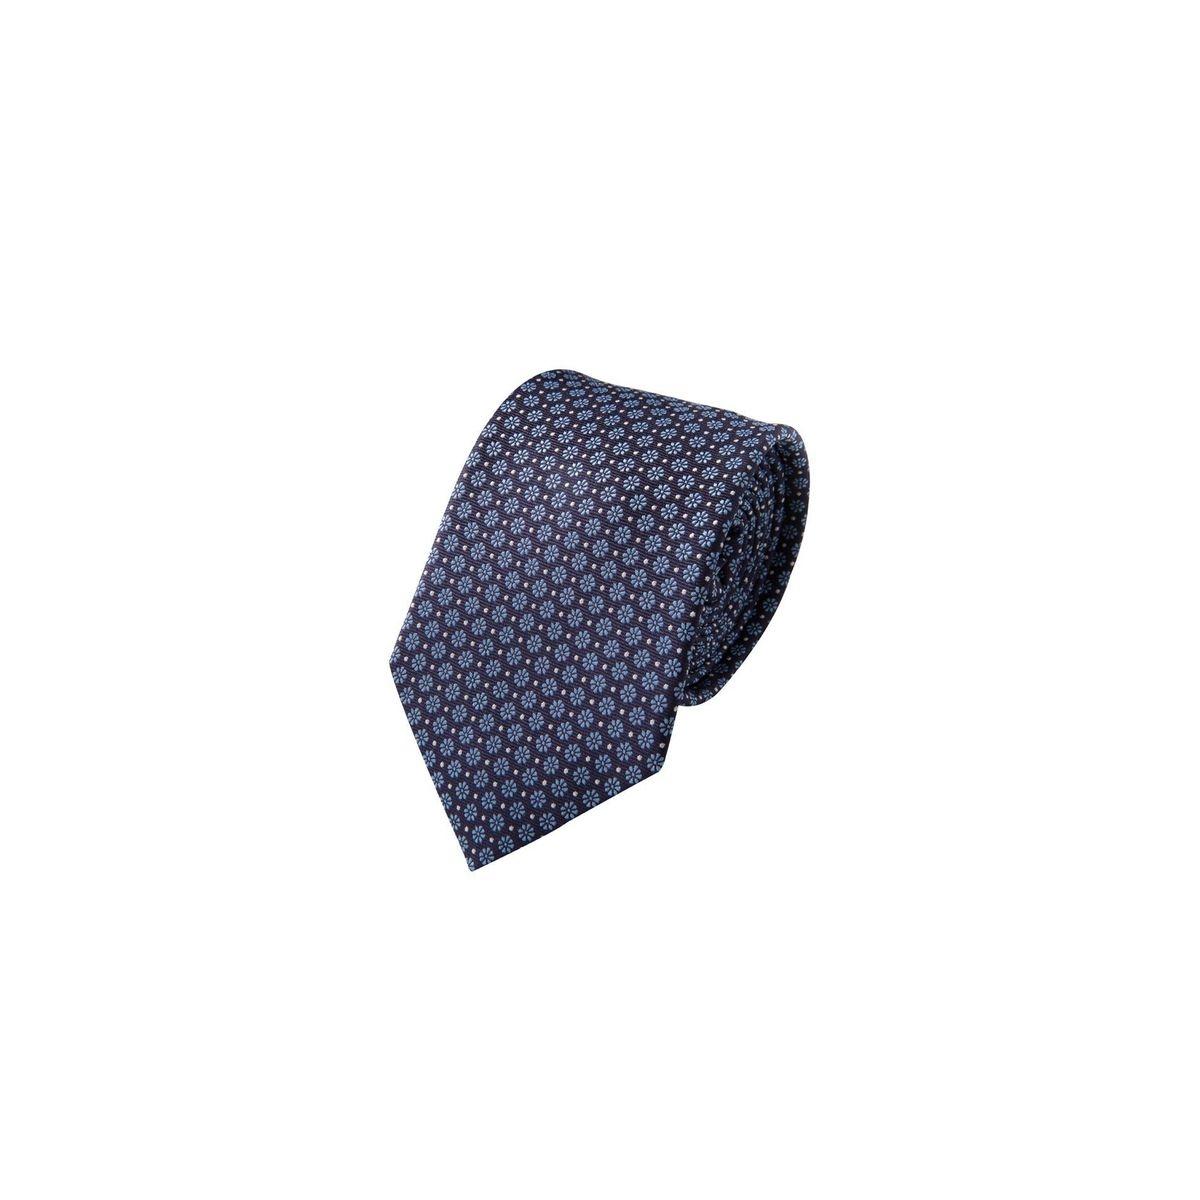 Cravate à micro-motifs petites fleurs en soie, Made in France